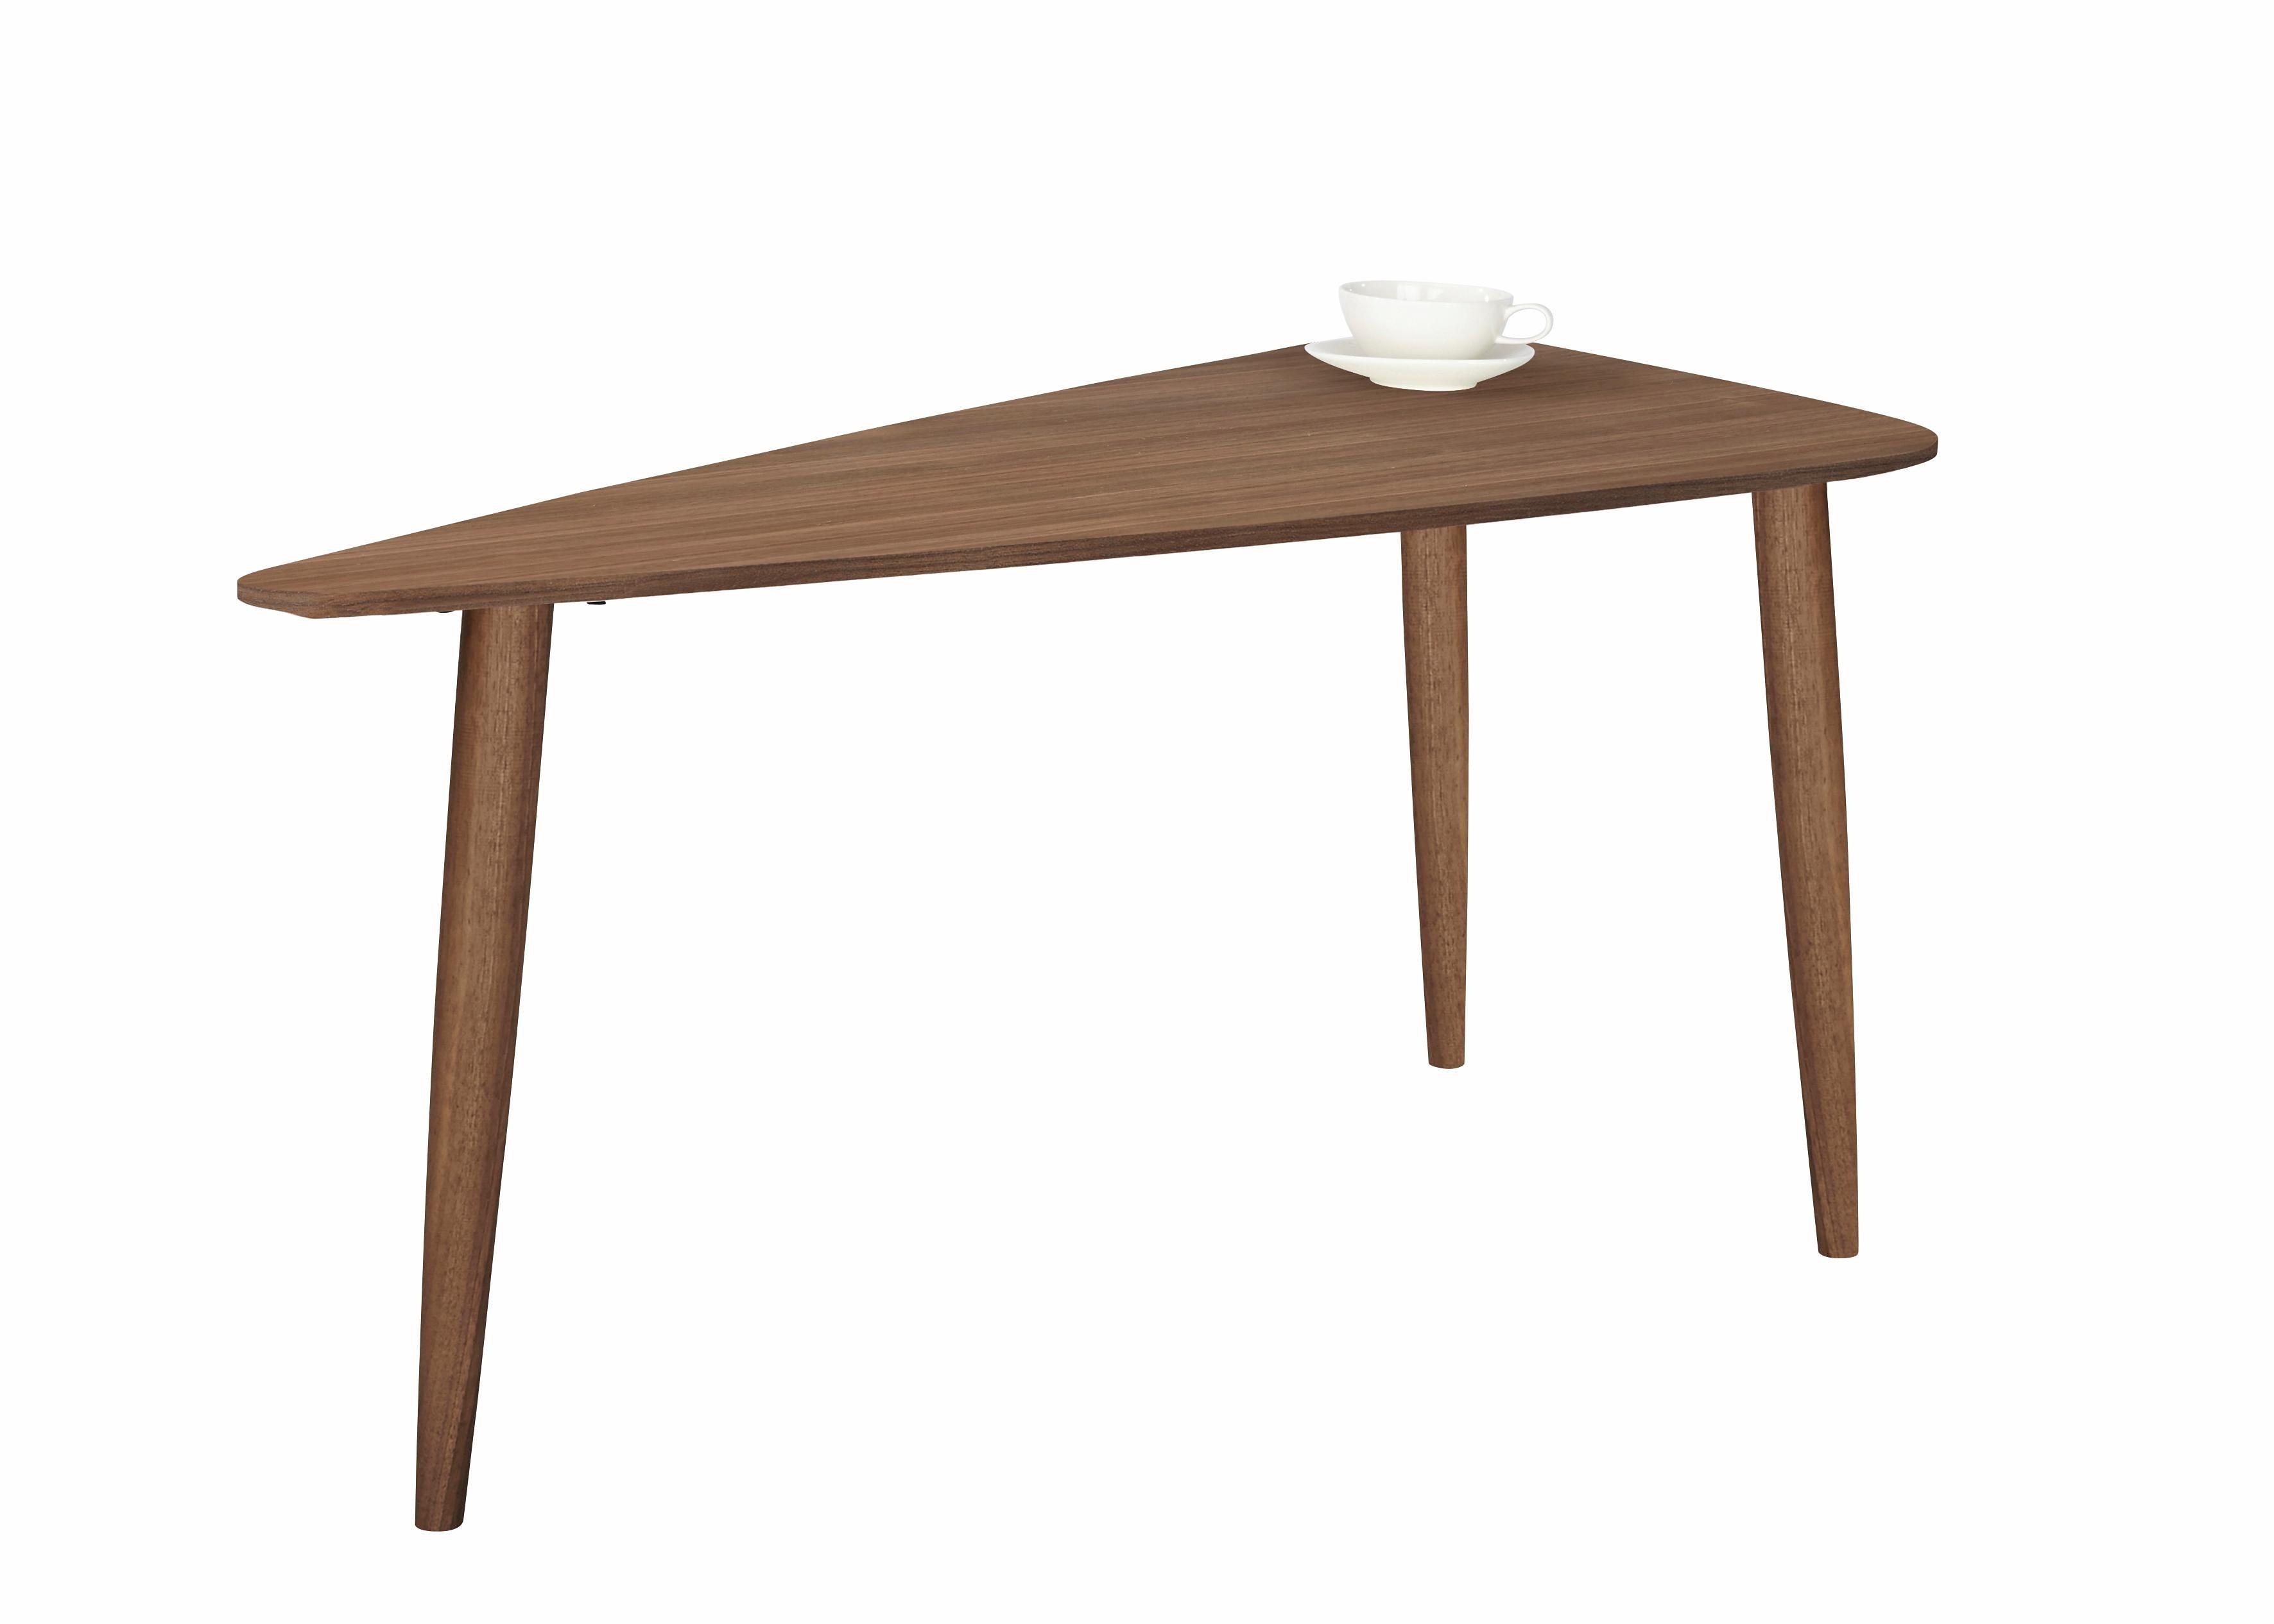 PBJ Designhouse Couchtisch Jib walnut massiv mit segelförmiger Tischplatte in zwei Höhen